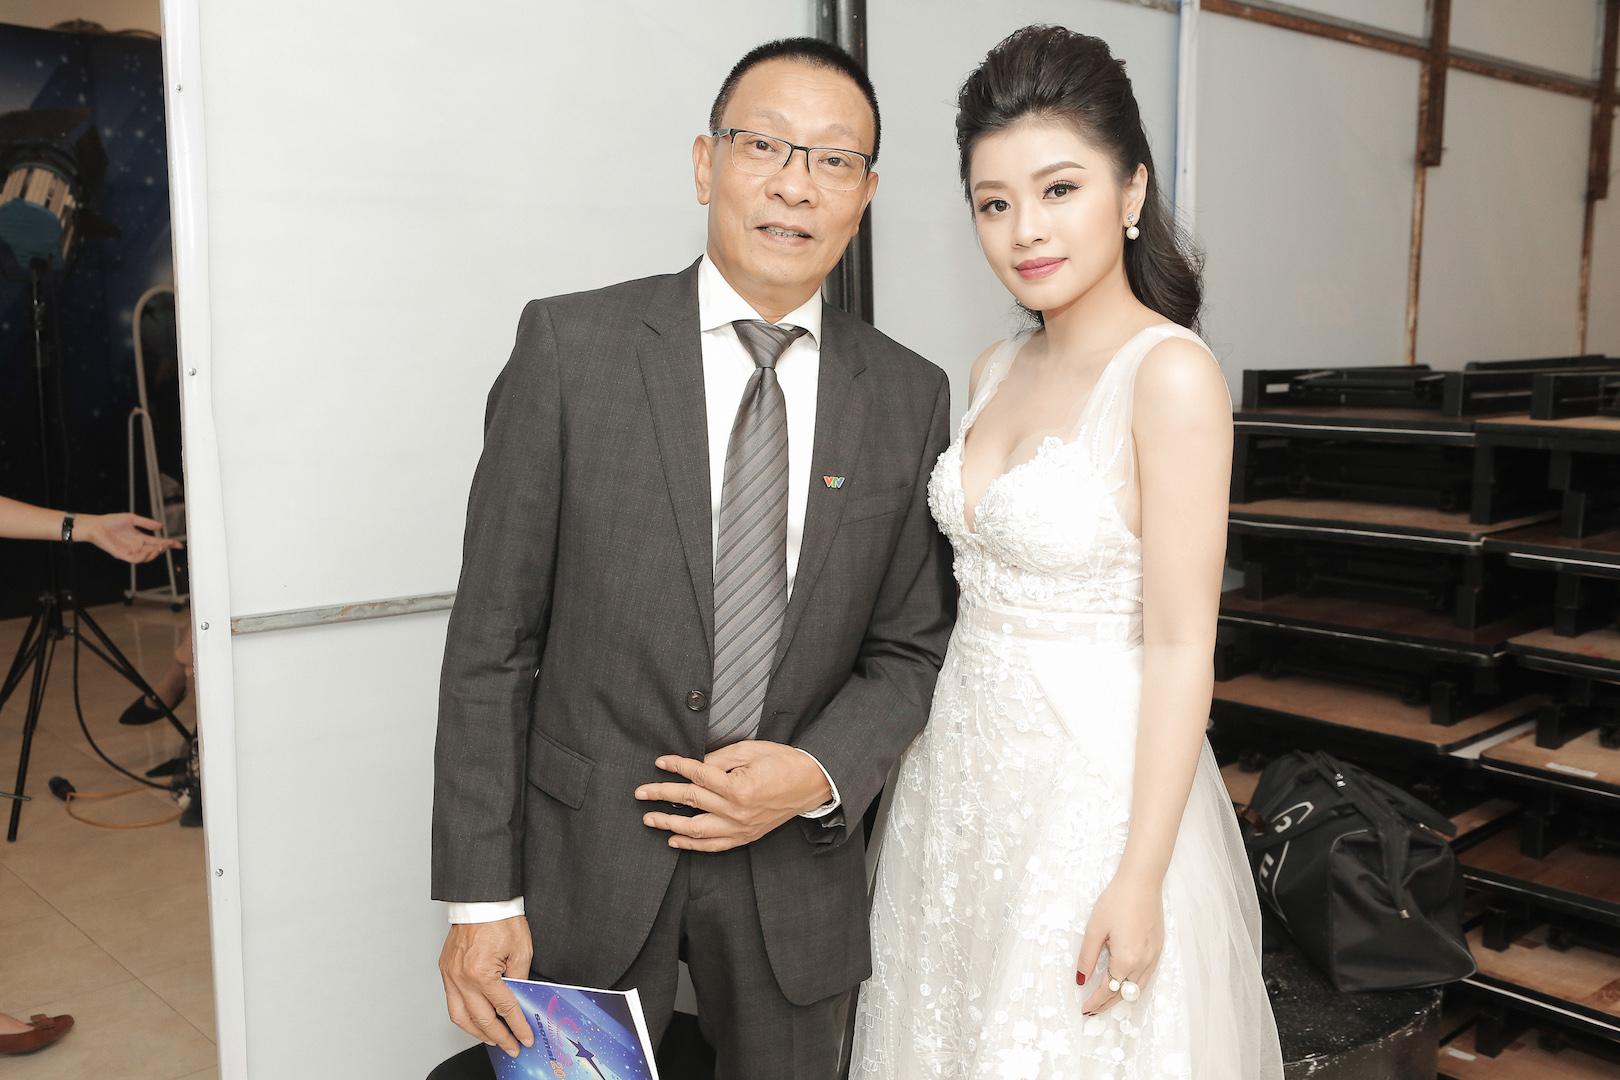 Sao mai Thu Hằng thân thiết với MC Lại Văn Sâm trong hậu trường 7